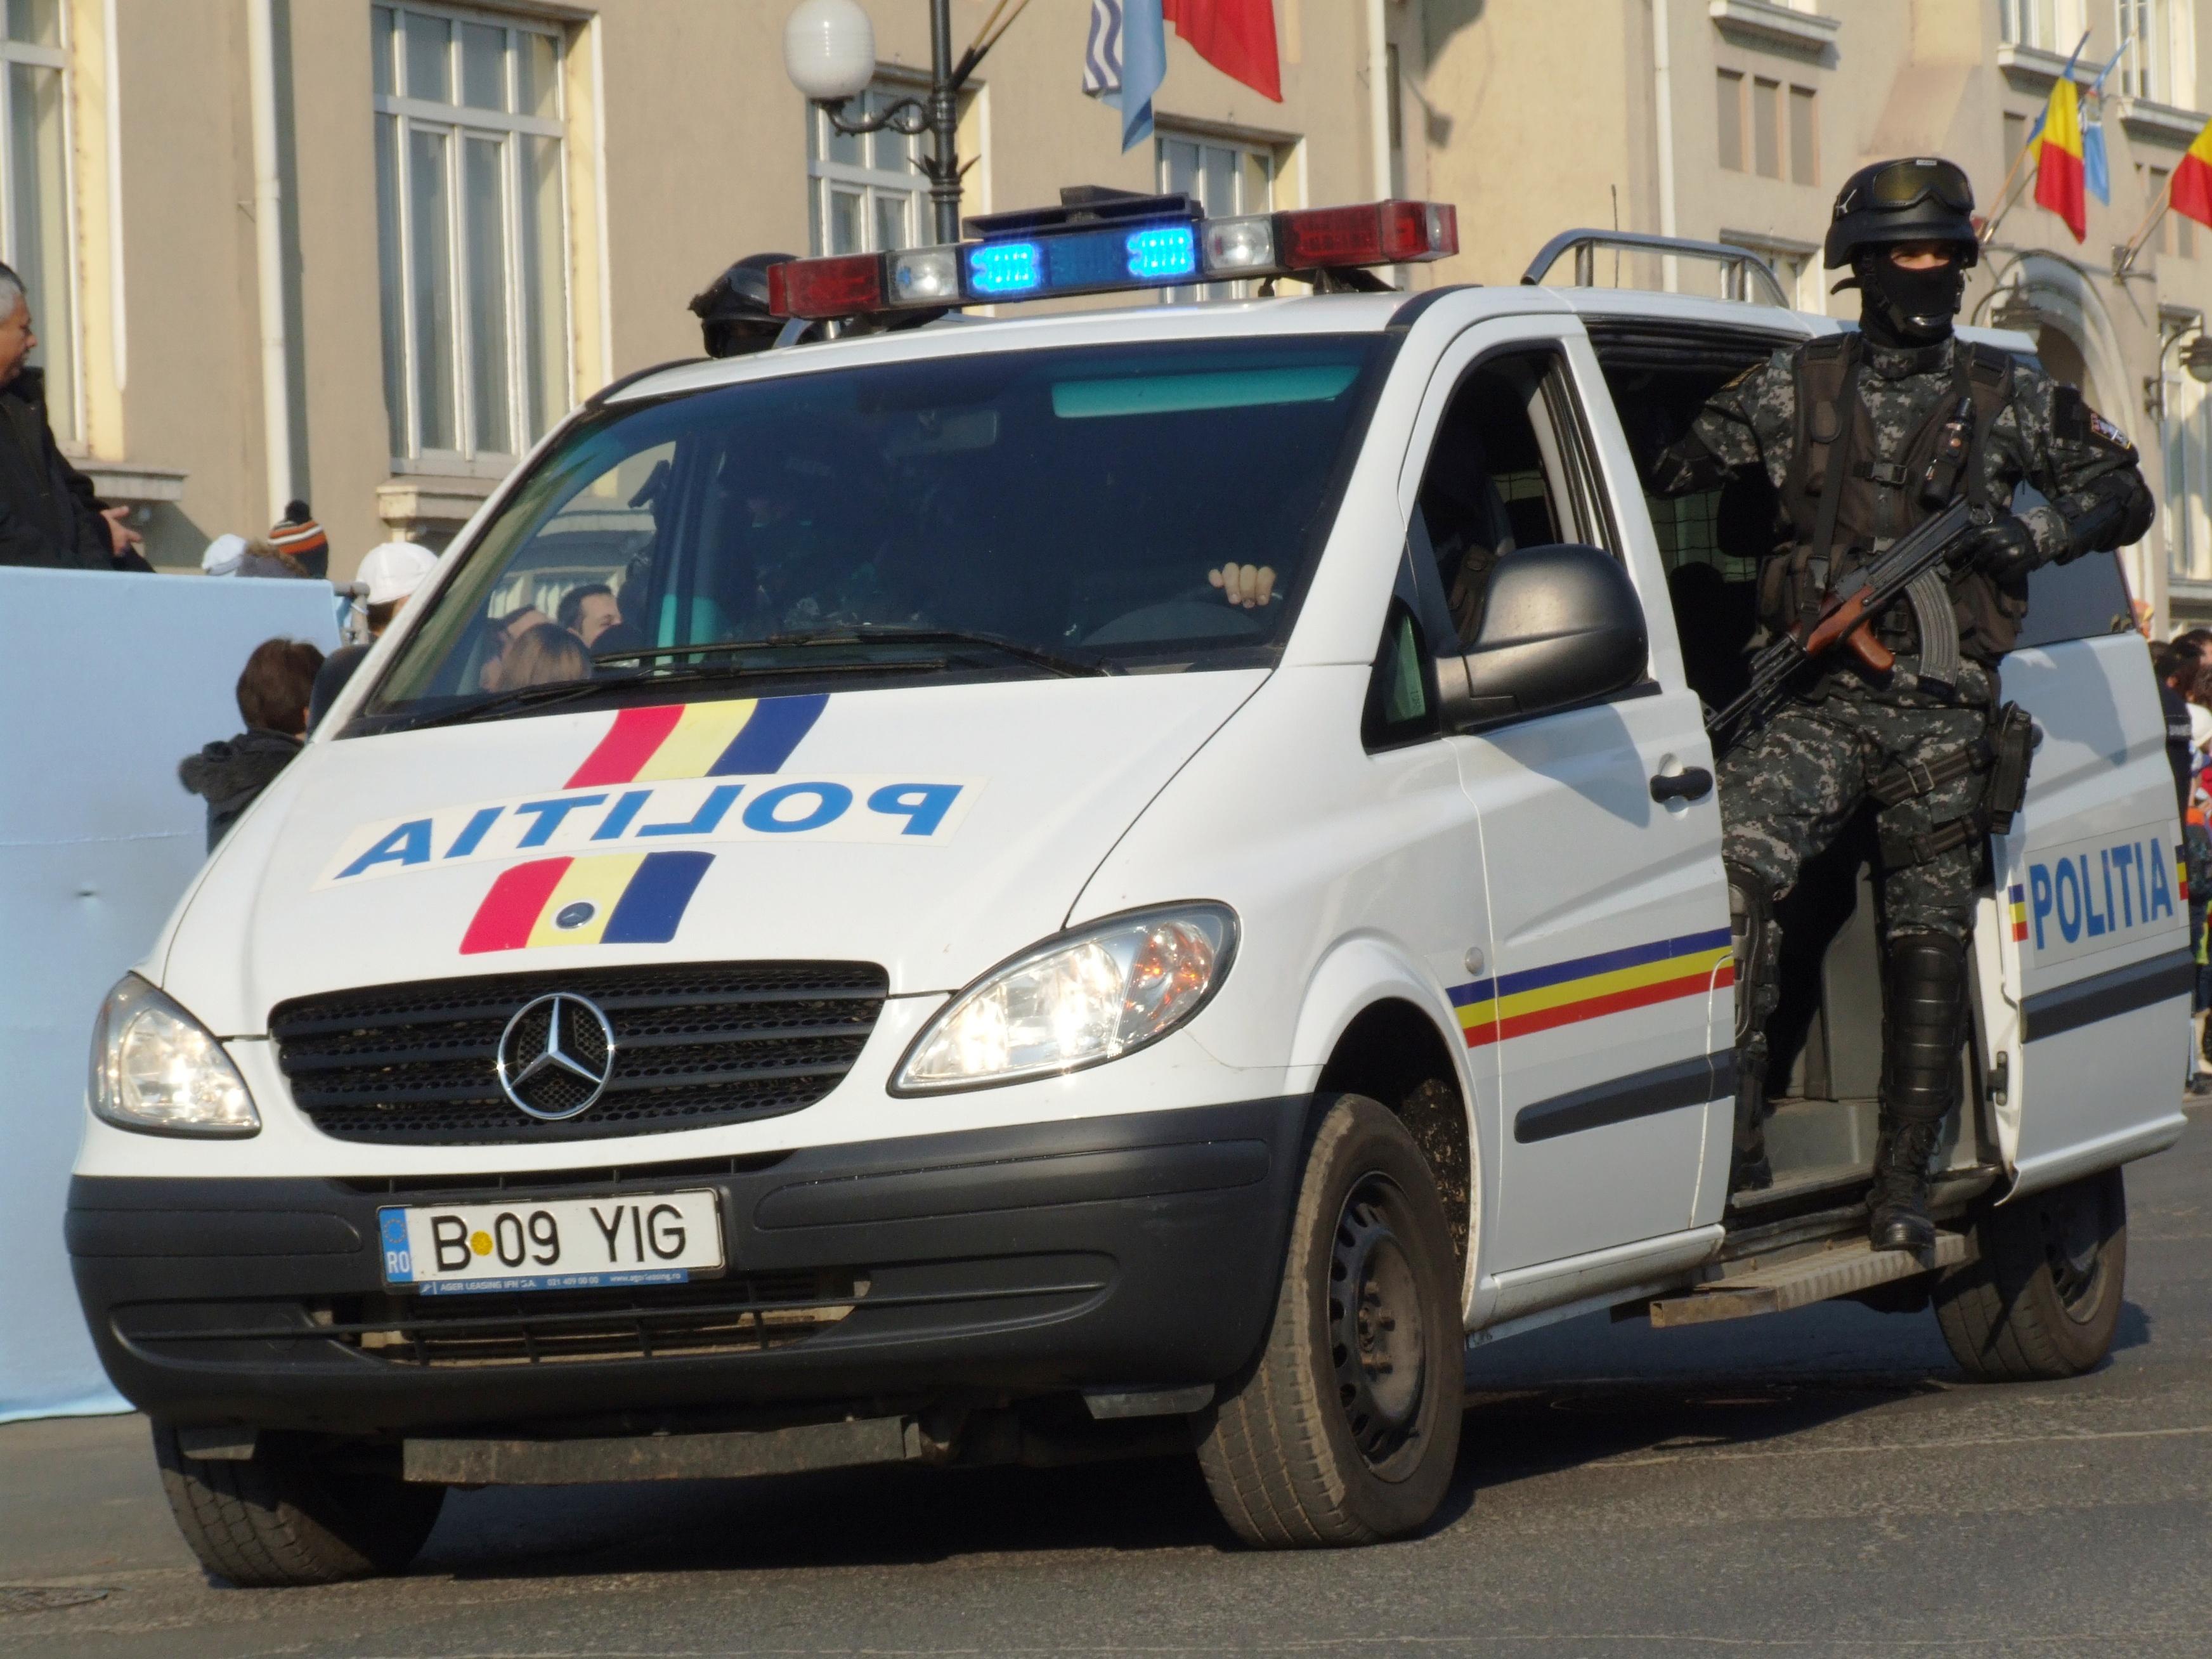 Politia-mascata